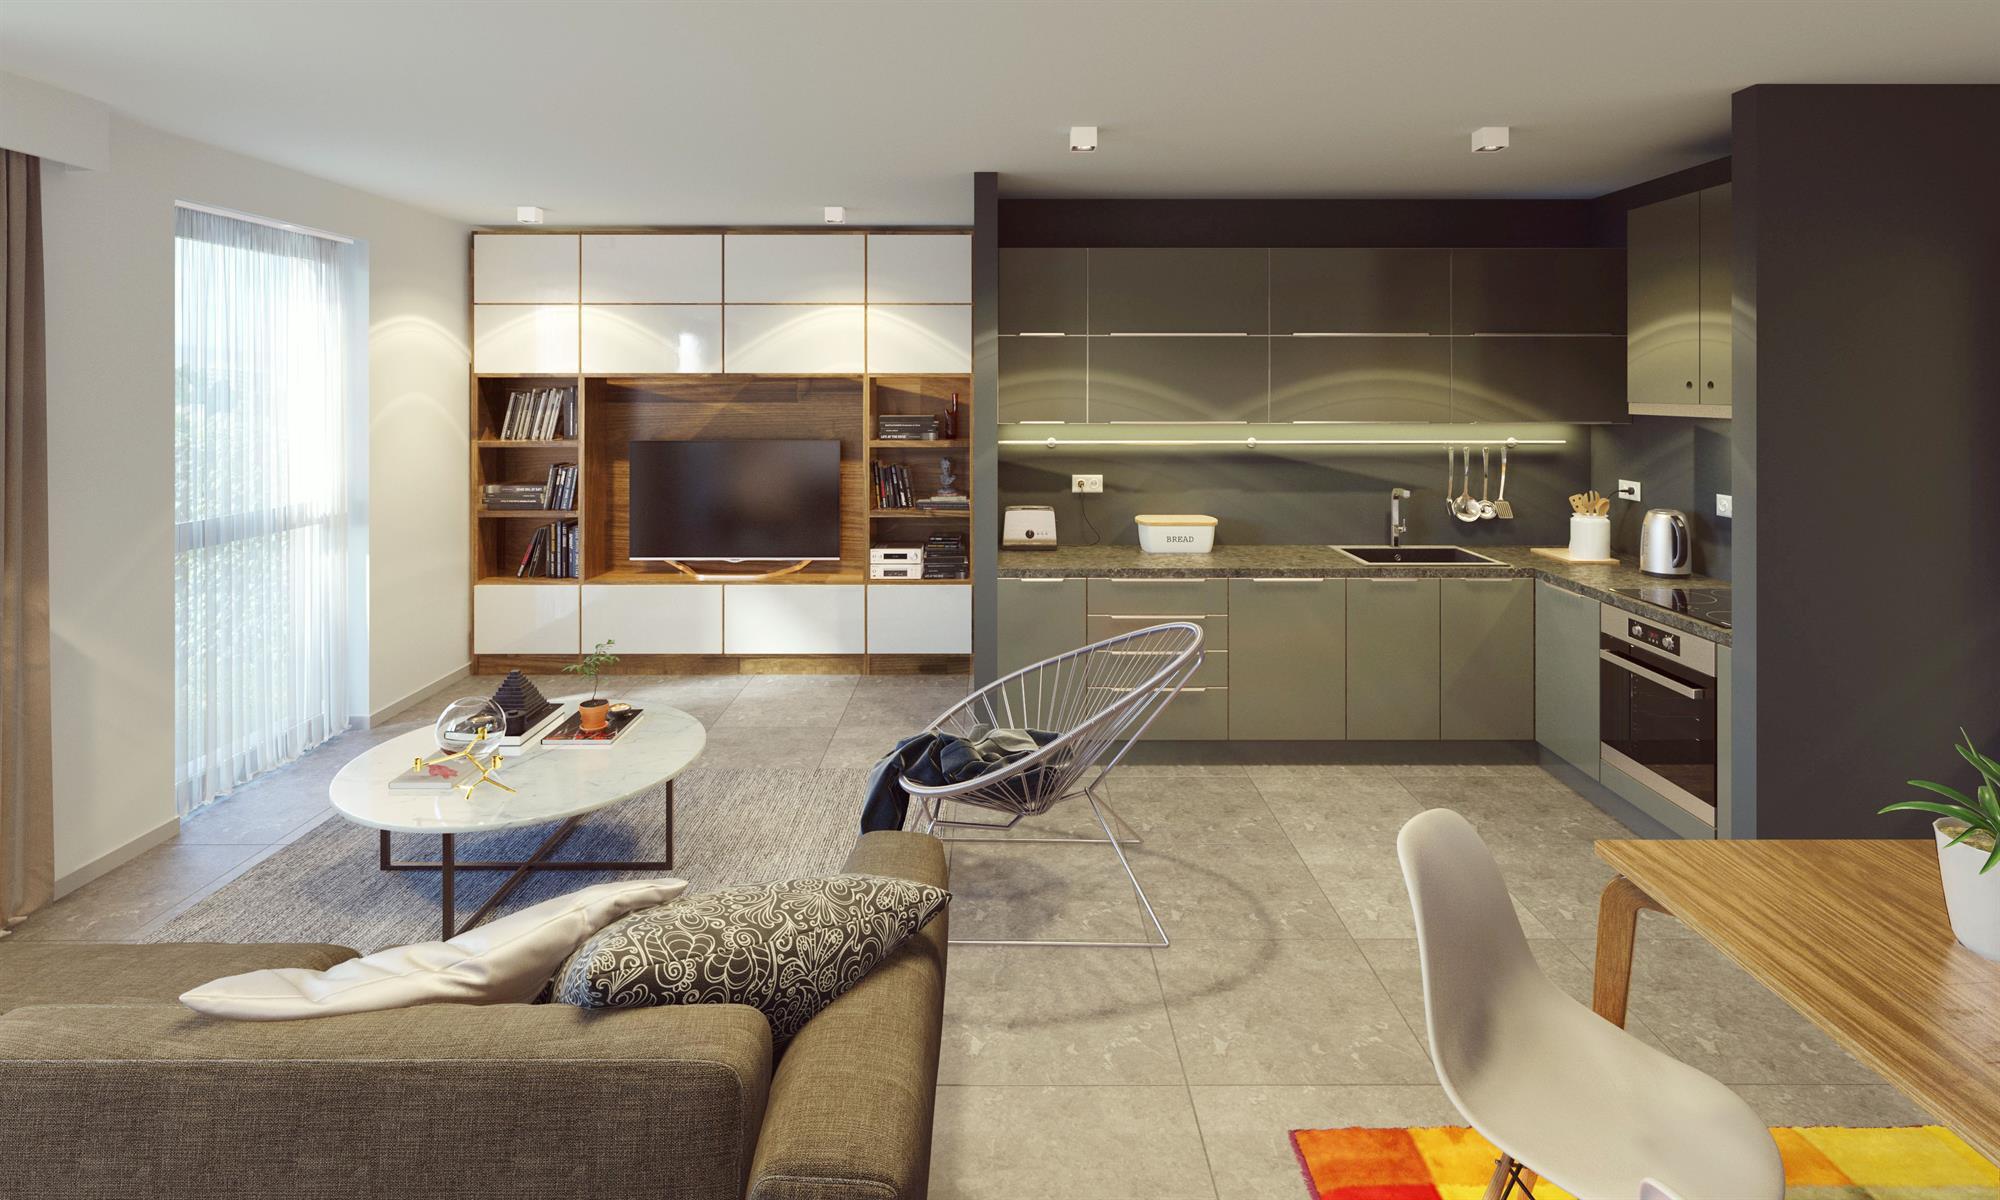 Ground floor with garden - Flemalle - #4197040-31